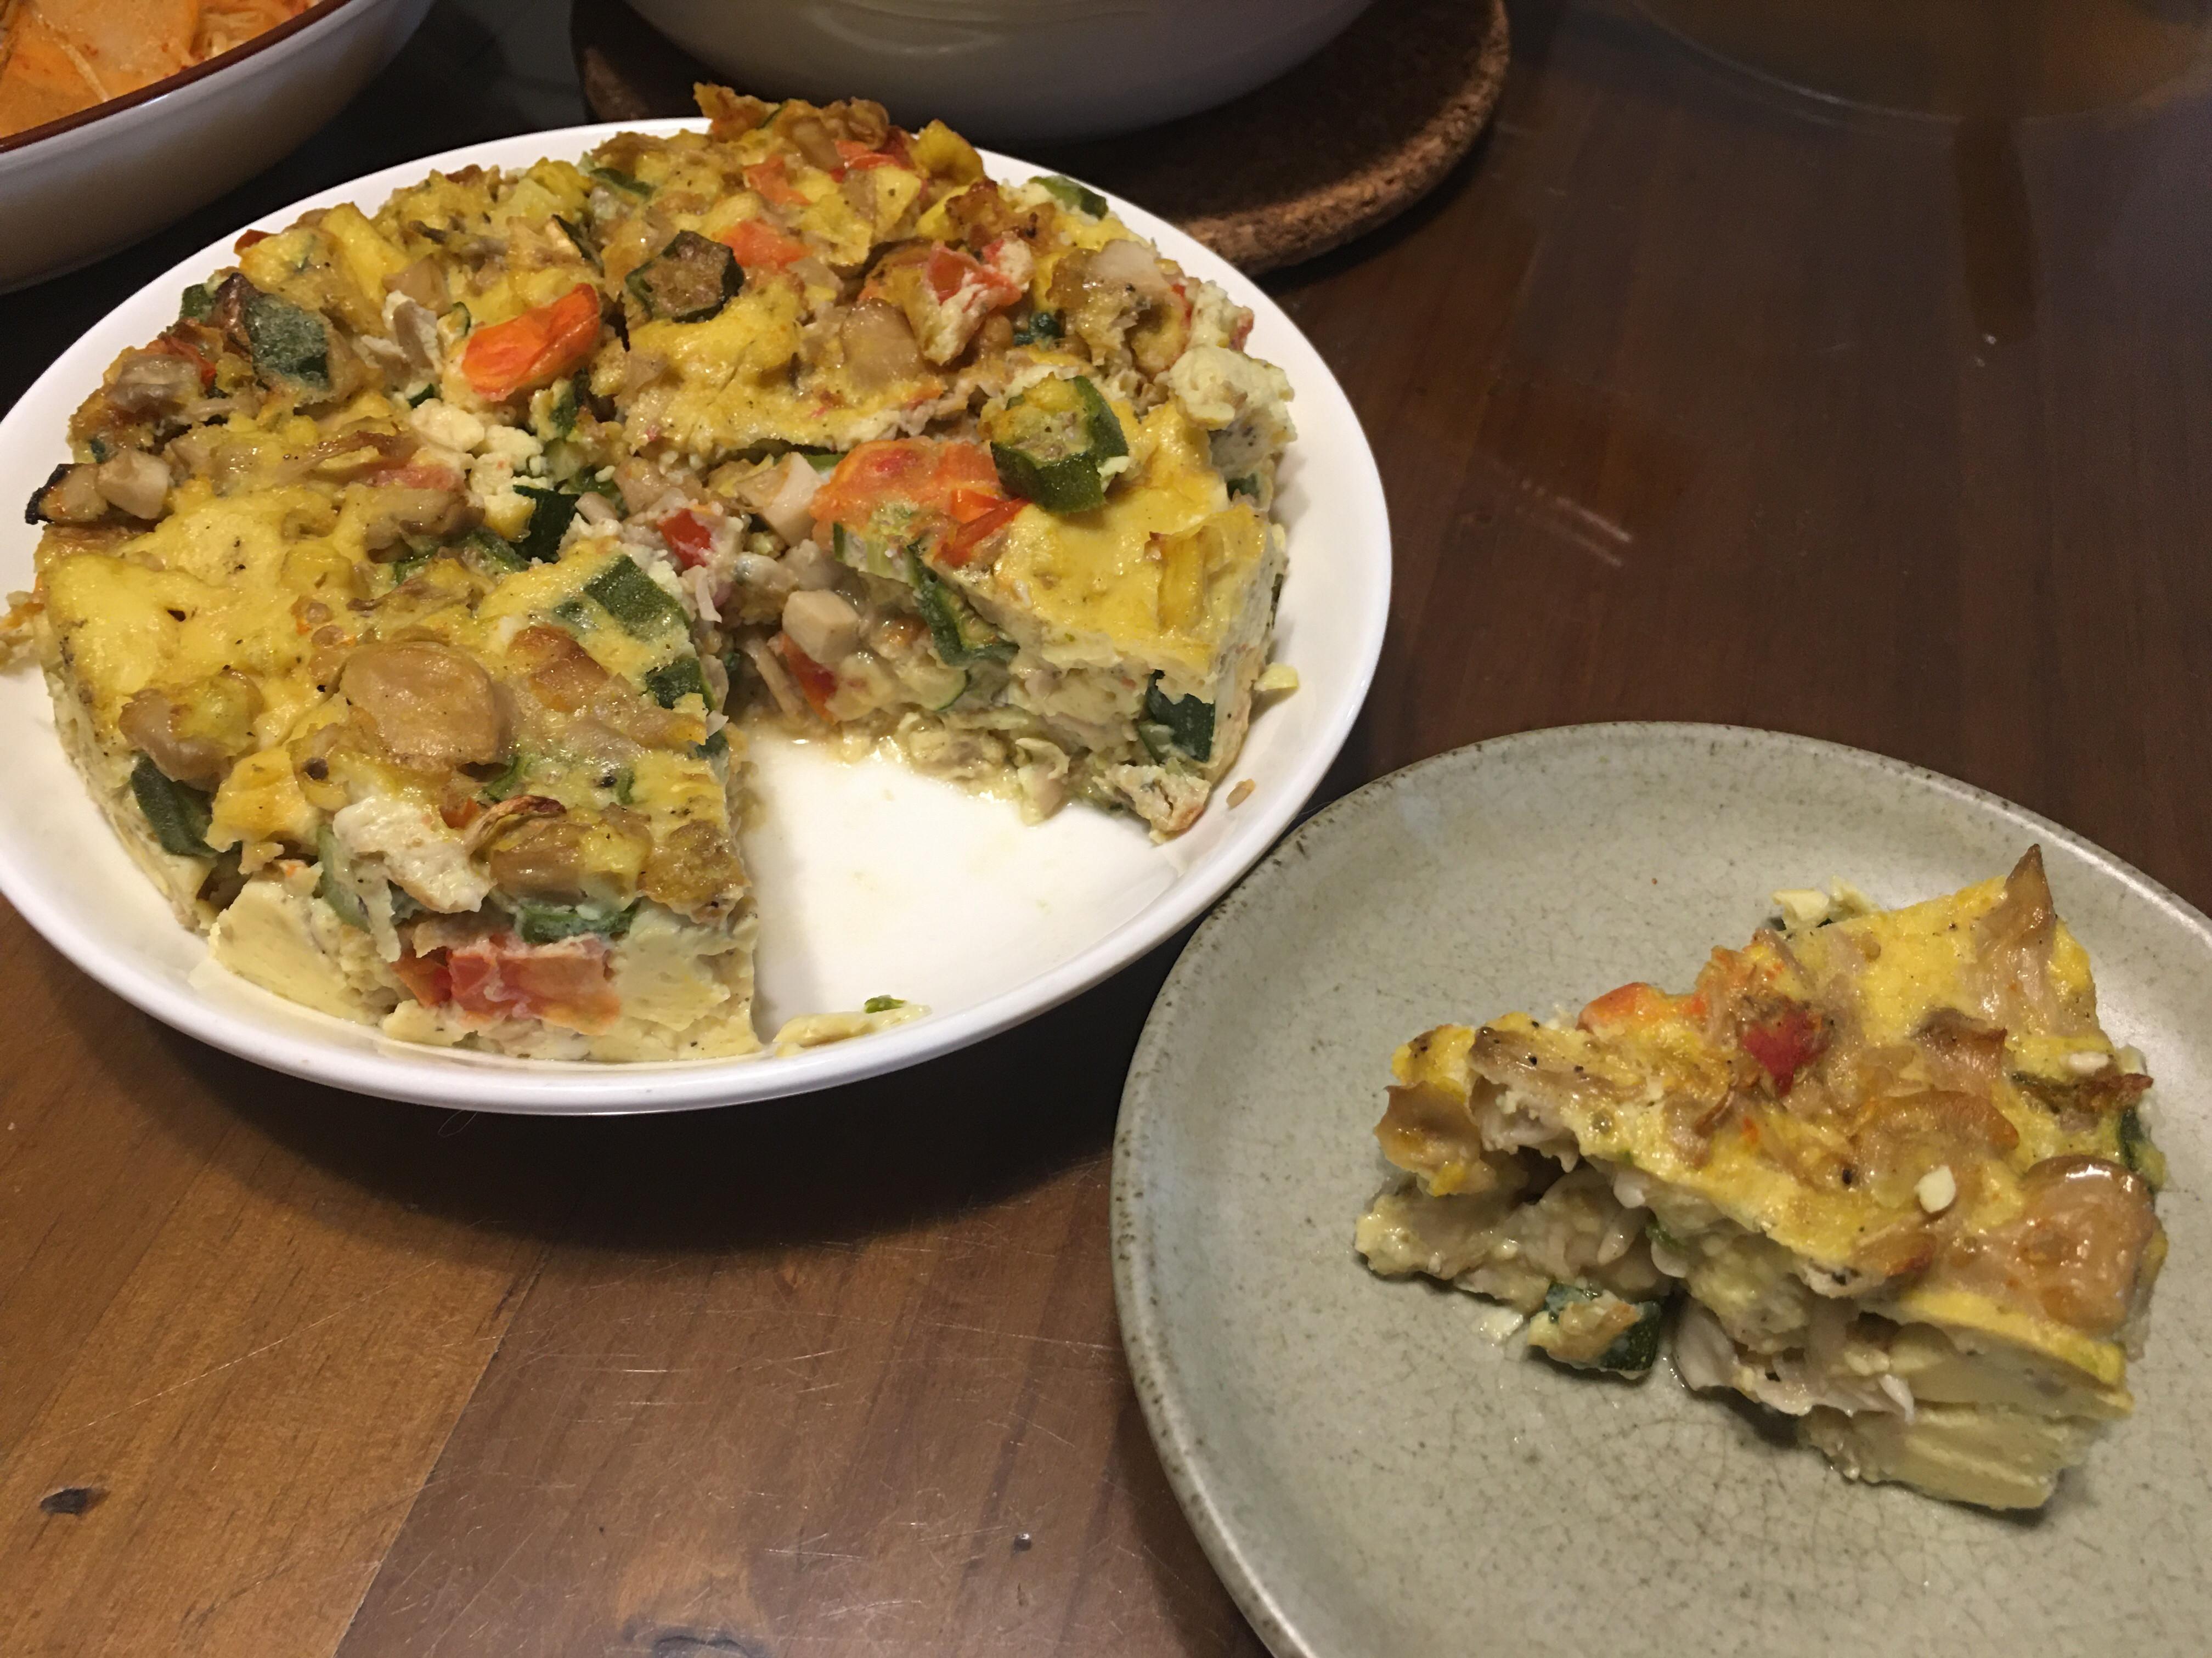 氣炸鍋蔬菜烘蛋(蛋奶素)